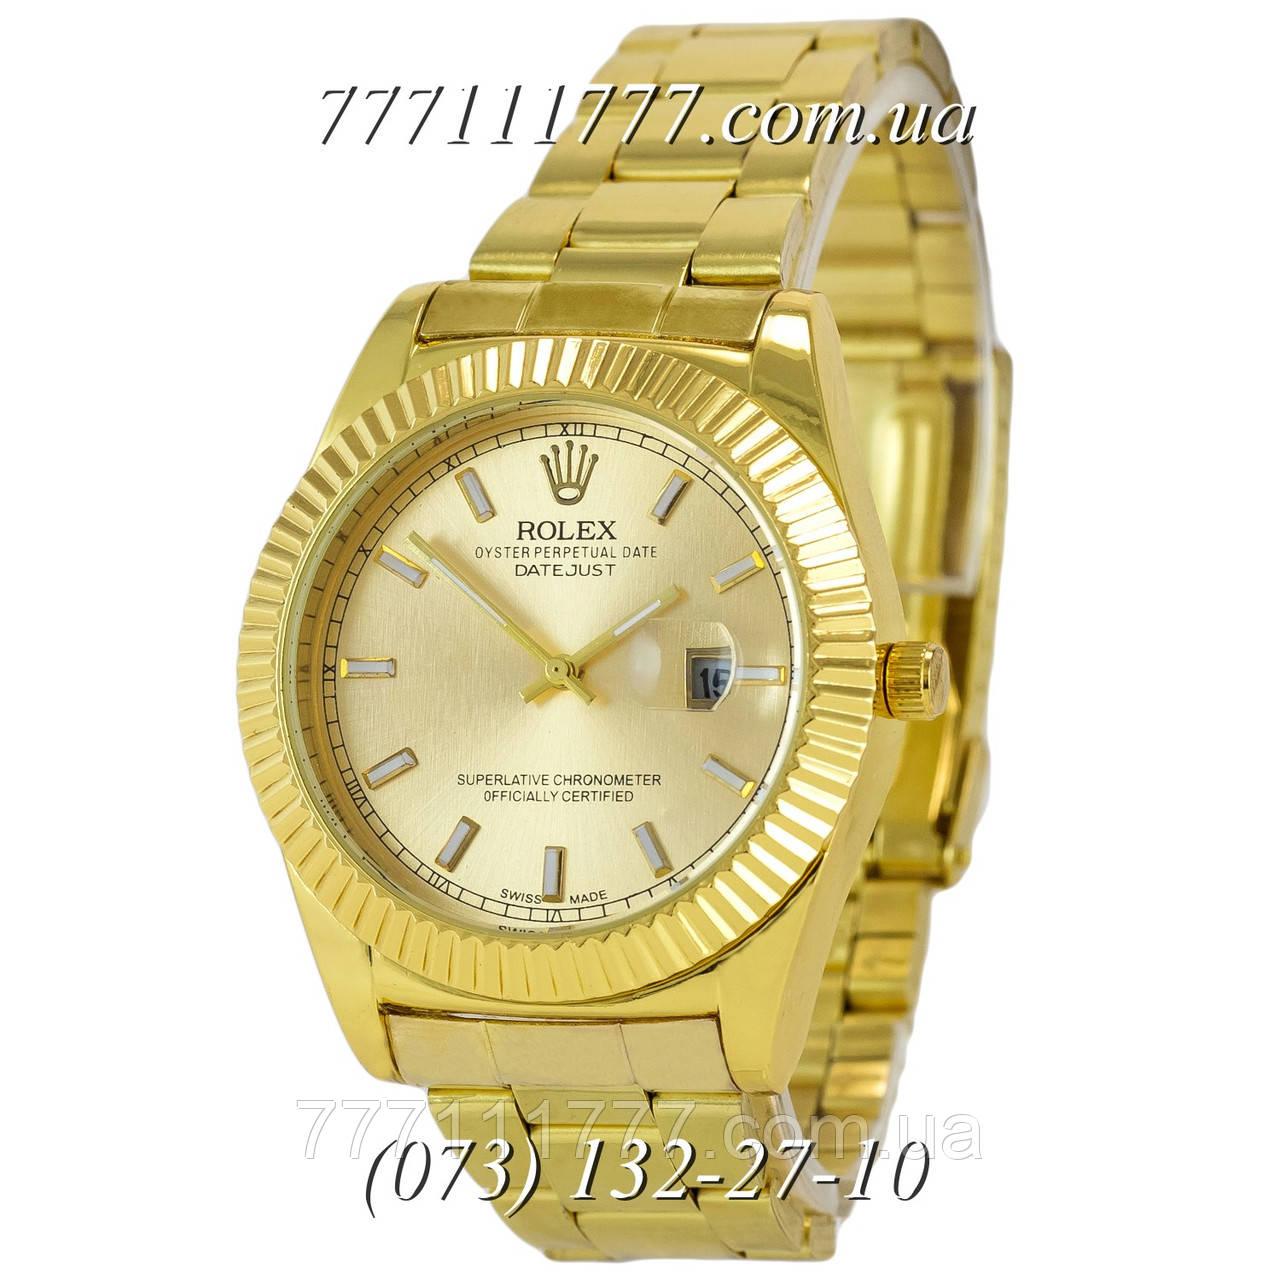 ae4de1a08b6f Часы мужские наручные Rolex Date Just All Gold  продажа, цена в ...